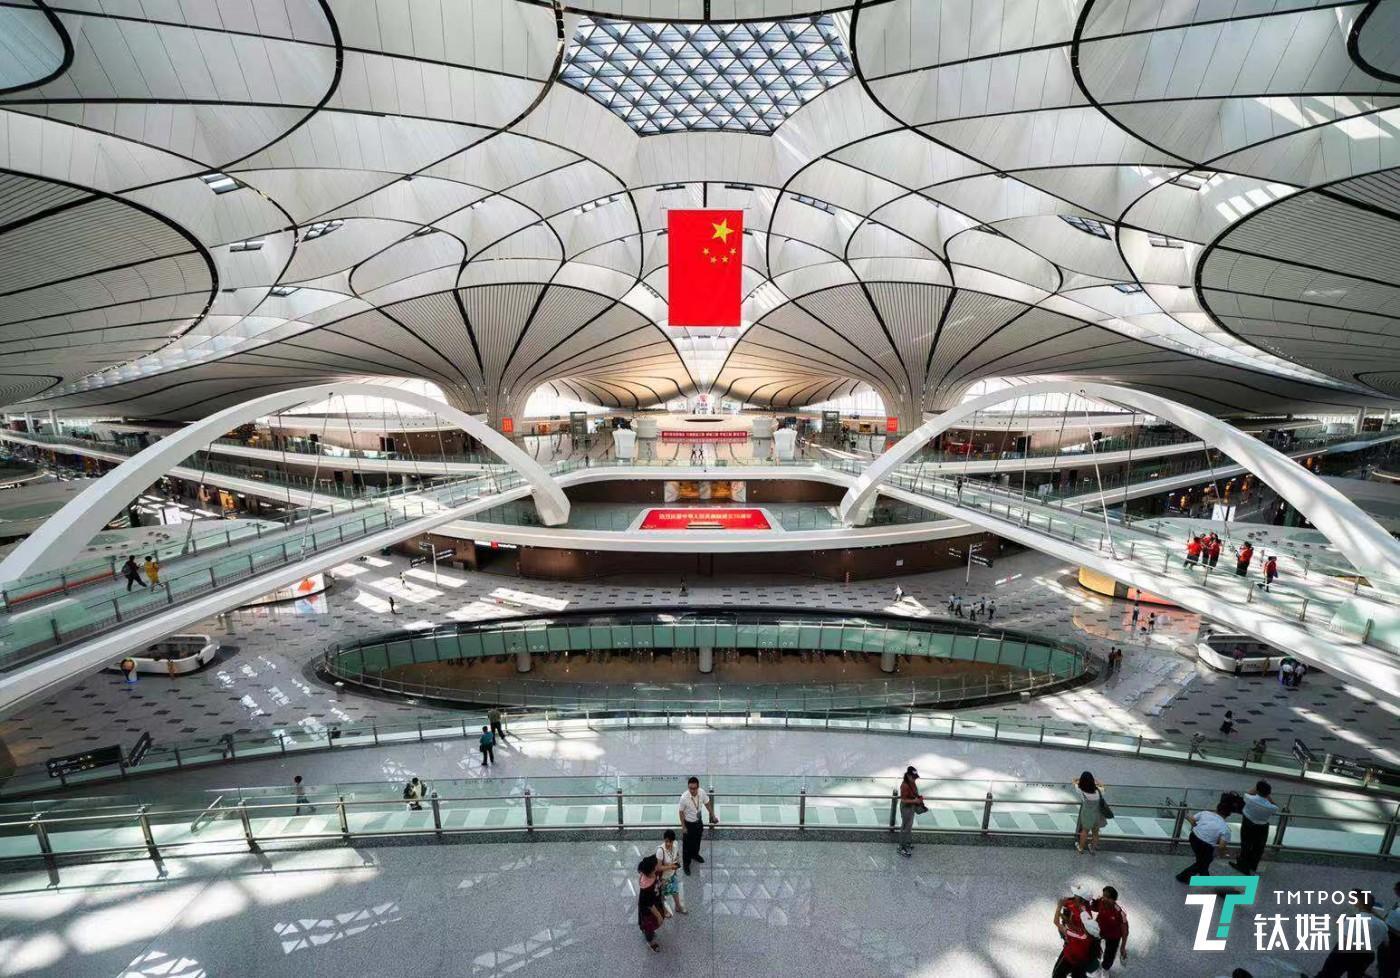 9月25日,北京大兴国际机场正式投入运营。该机场2014年12月动工,拥有机位268个,共开通国内外航线119条,是目前世界上最大机场。(图/视觉中国)